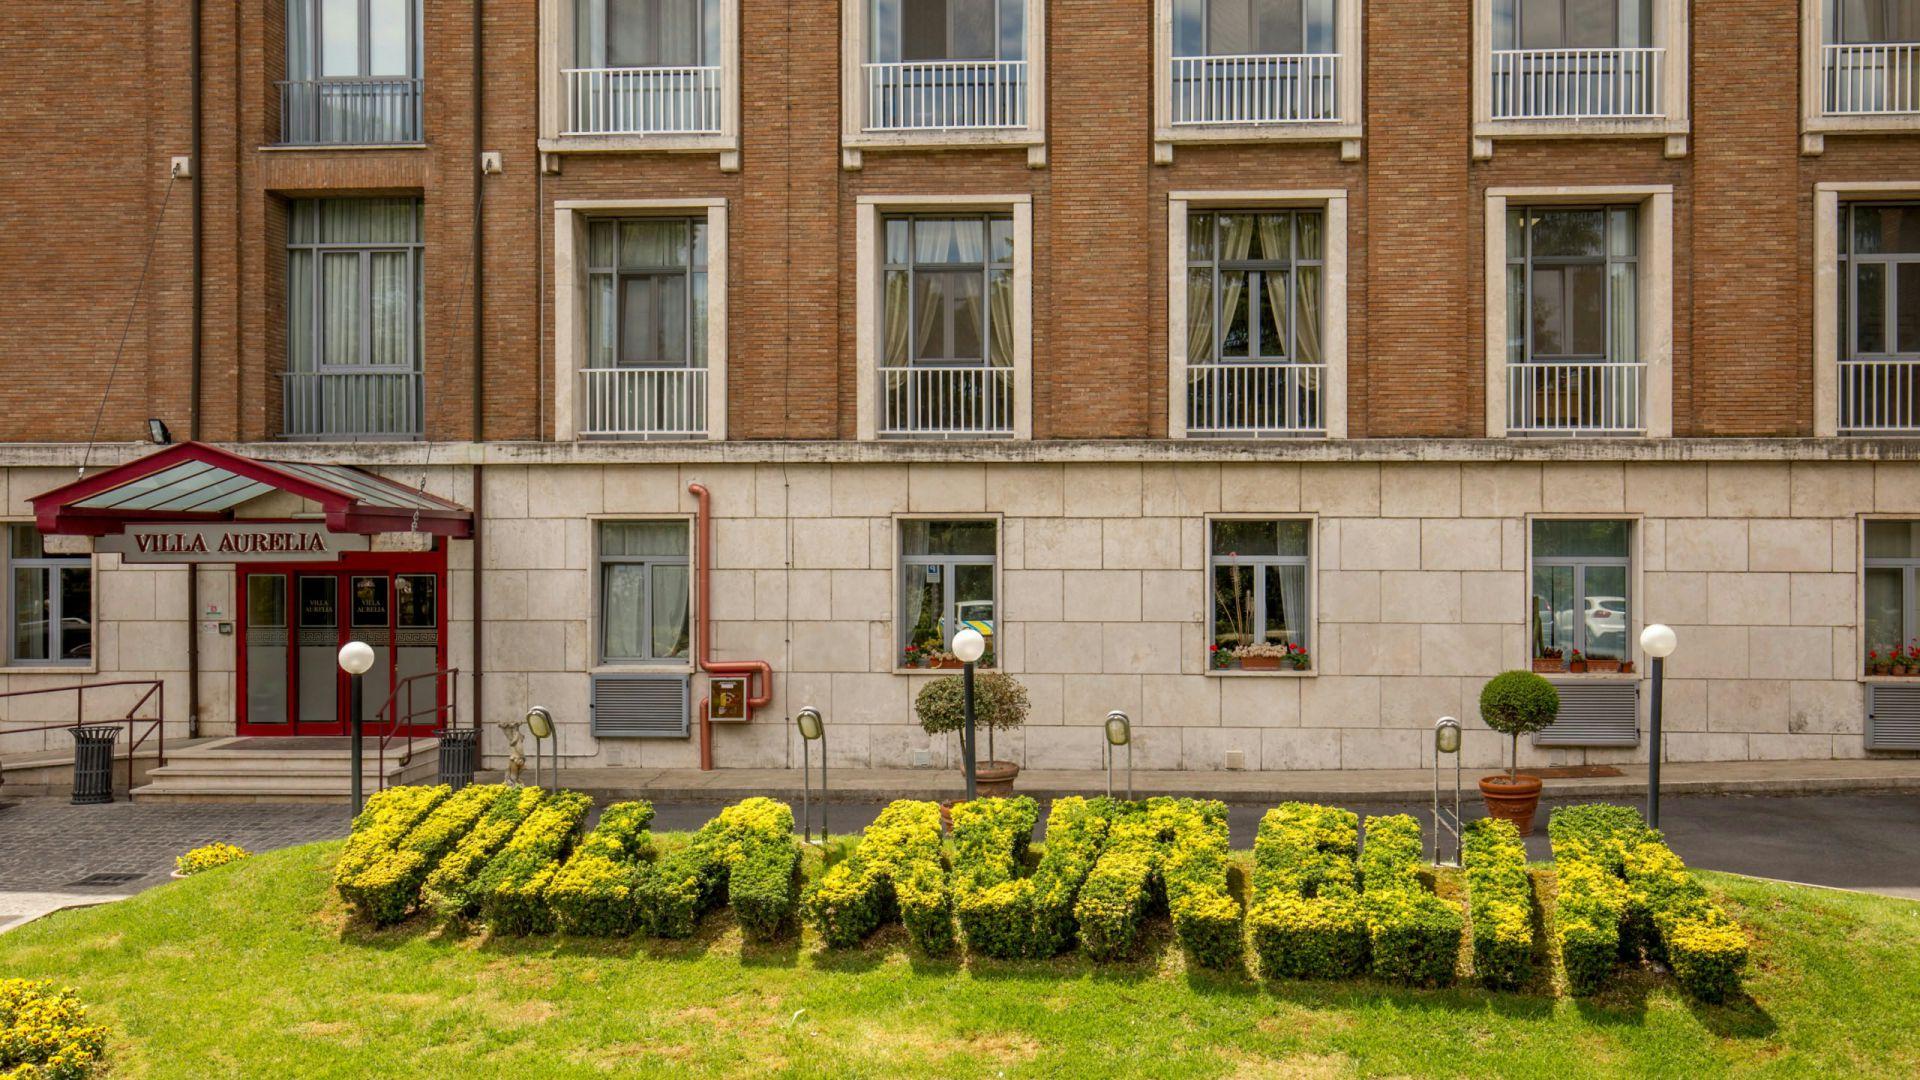 villa-aurelia-hotel-roma-esterno-03